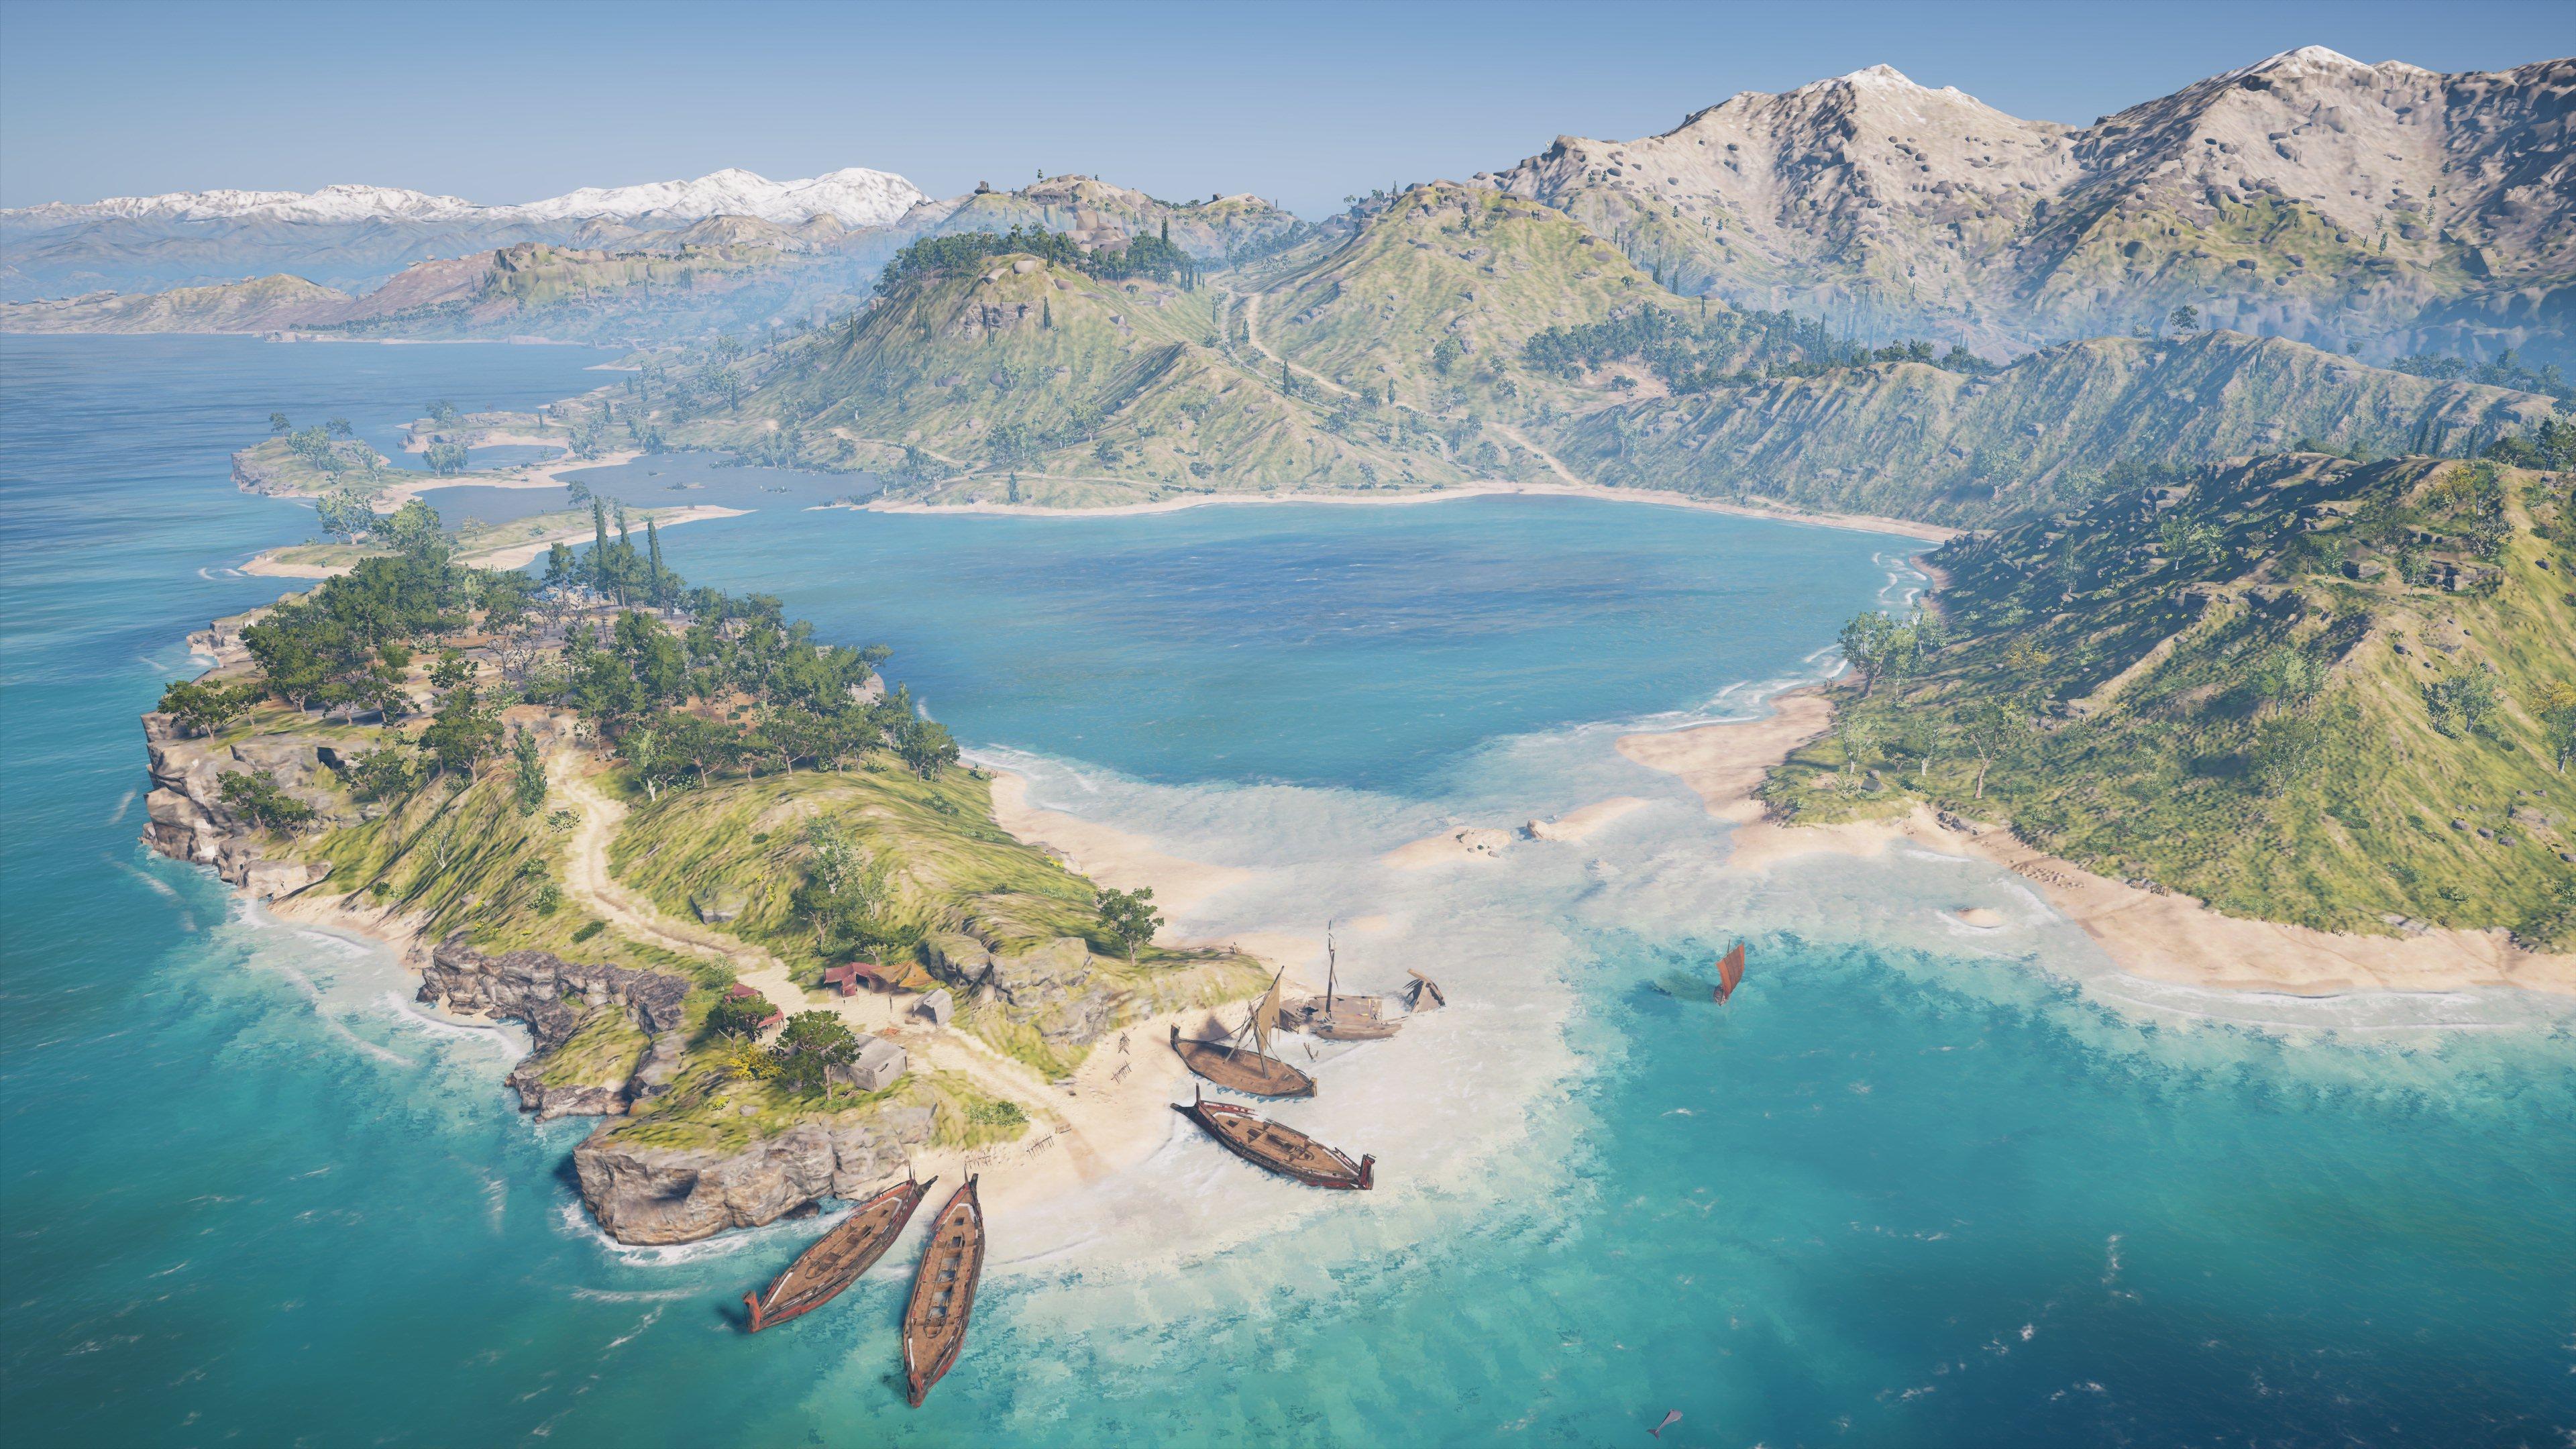 Bay of Hades